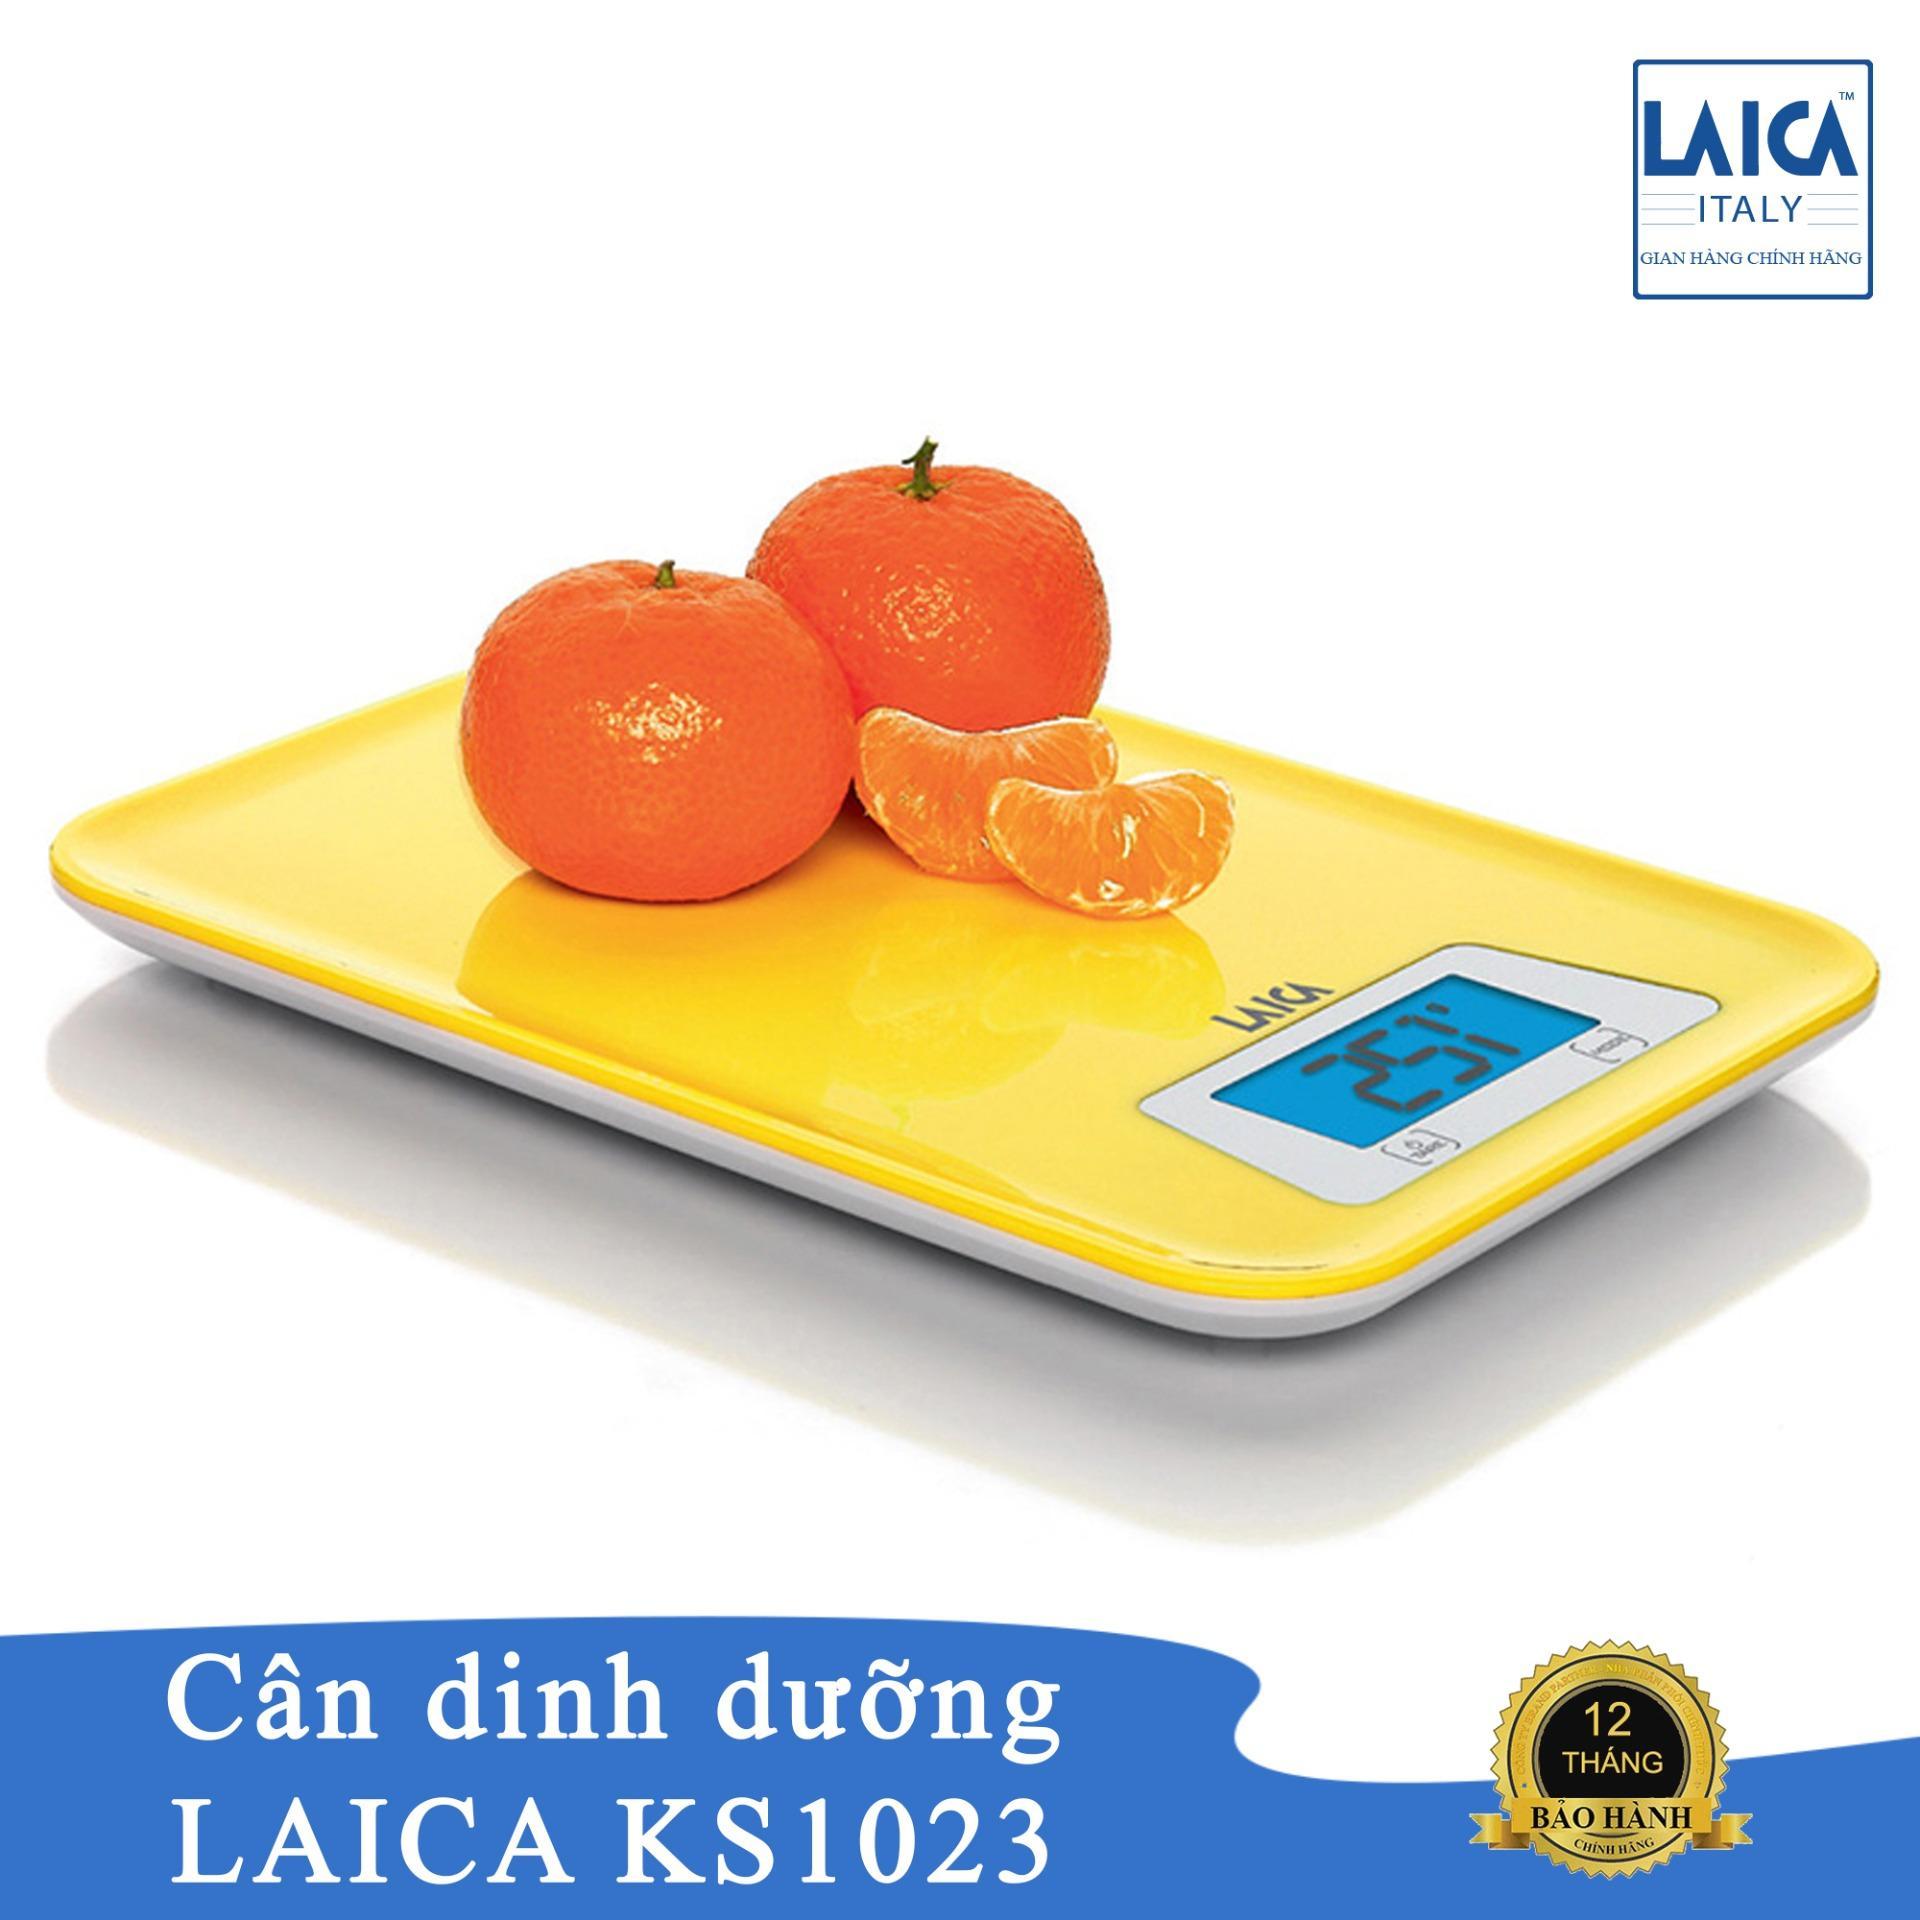 Cân nhà bếp điện tử cảm ứng Laica KS1023 nhập khẩu